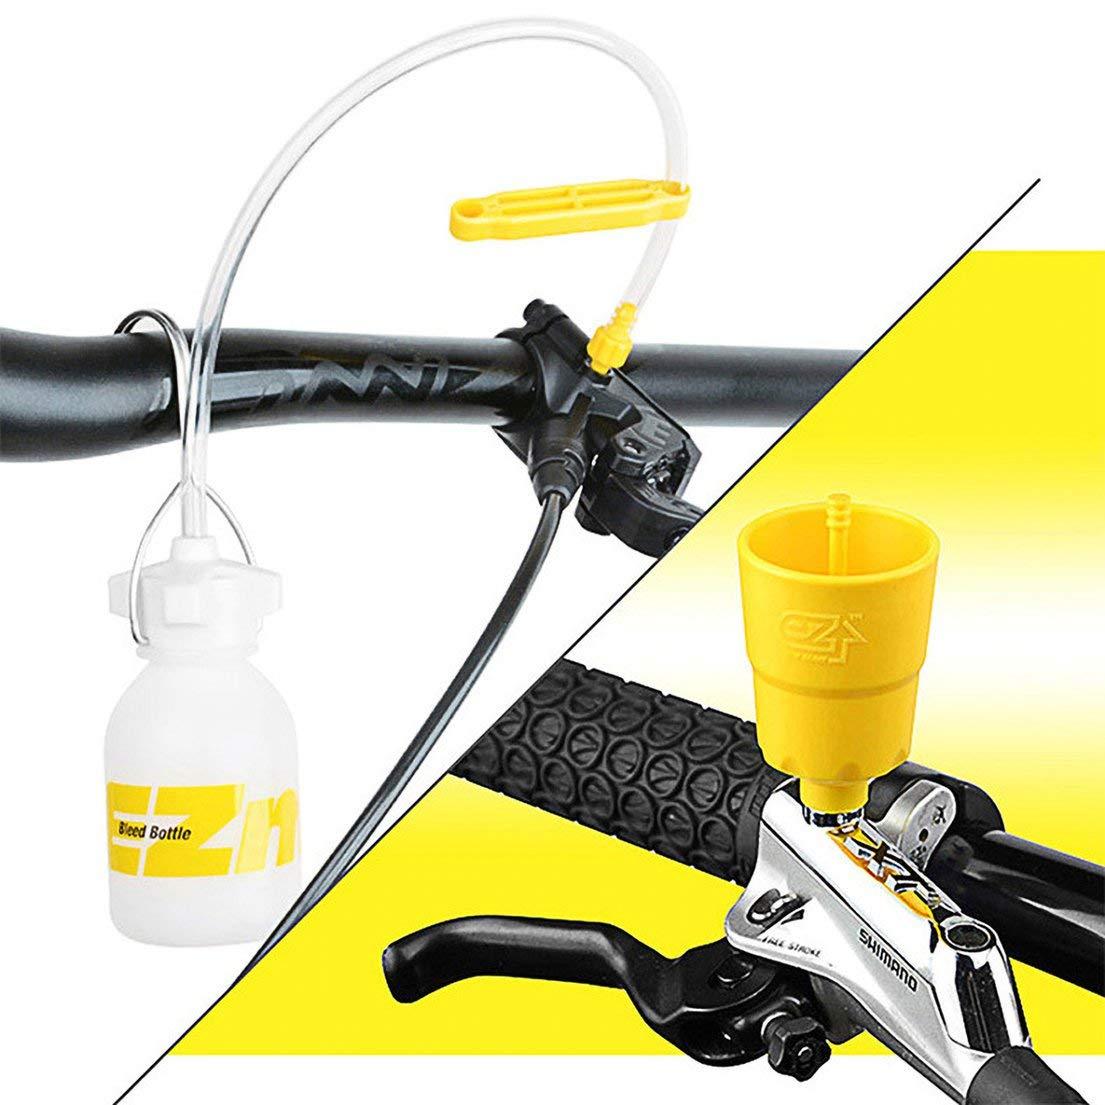 Serie MAGURA Herramienta de reparaci/ón de Freno de Bicicleta de Carretera SRAM TEKTRO SKYYKS Herramientas de Kit de Purga de Aceite de Freno de Disco hidr/áulico para Bicicleta